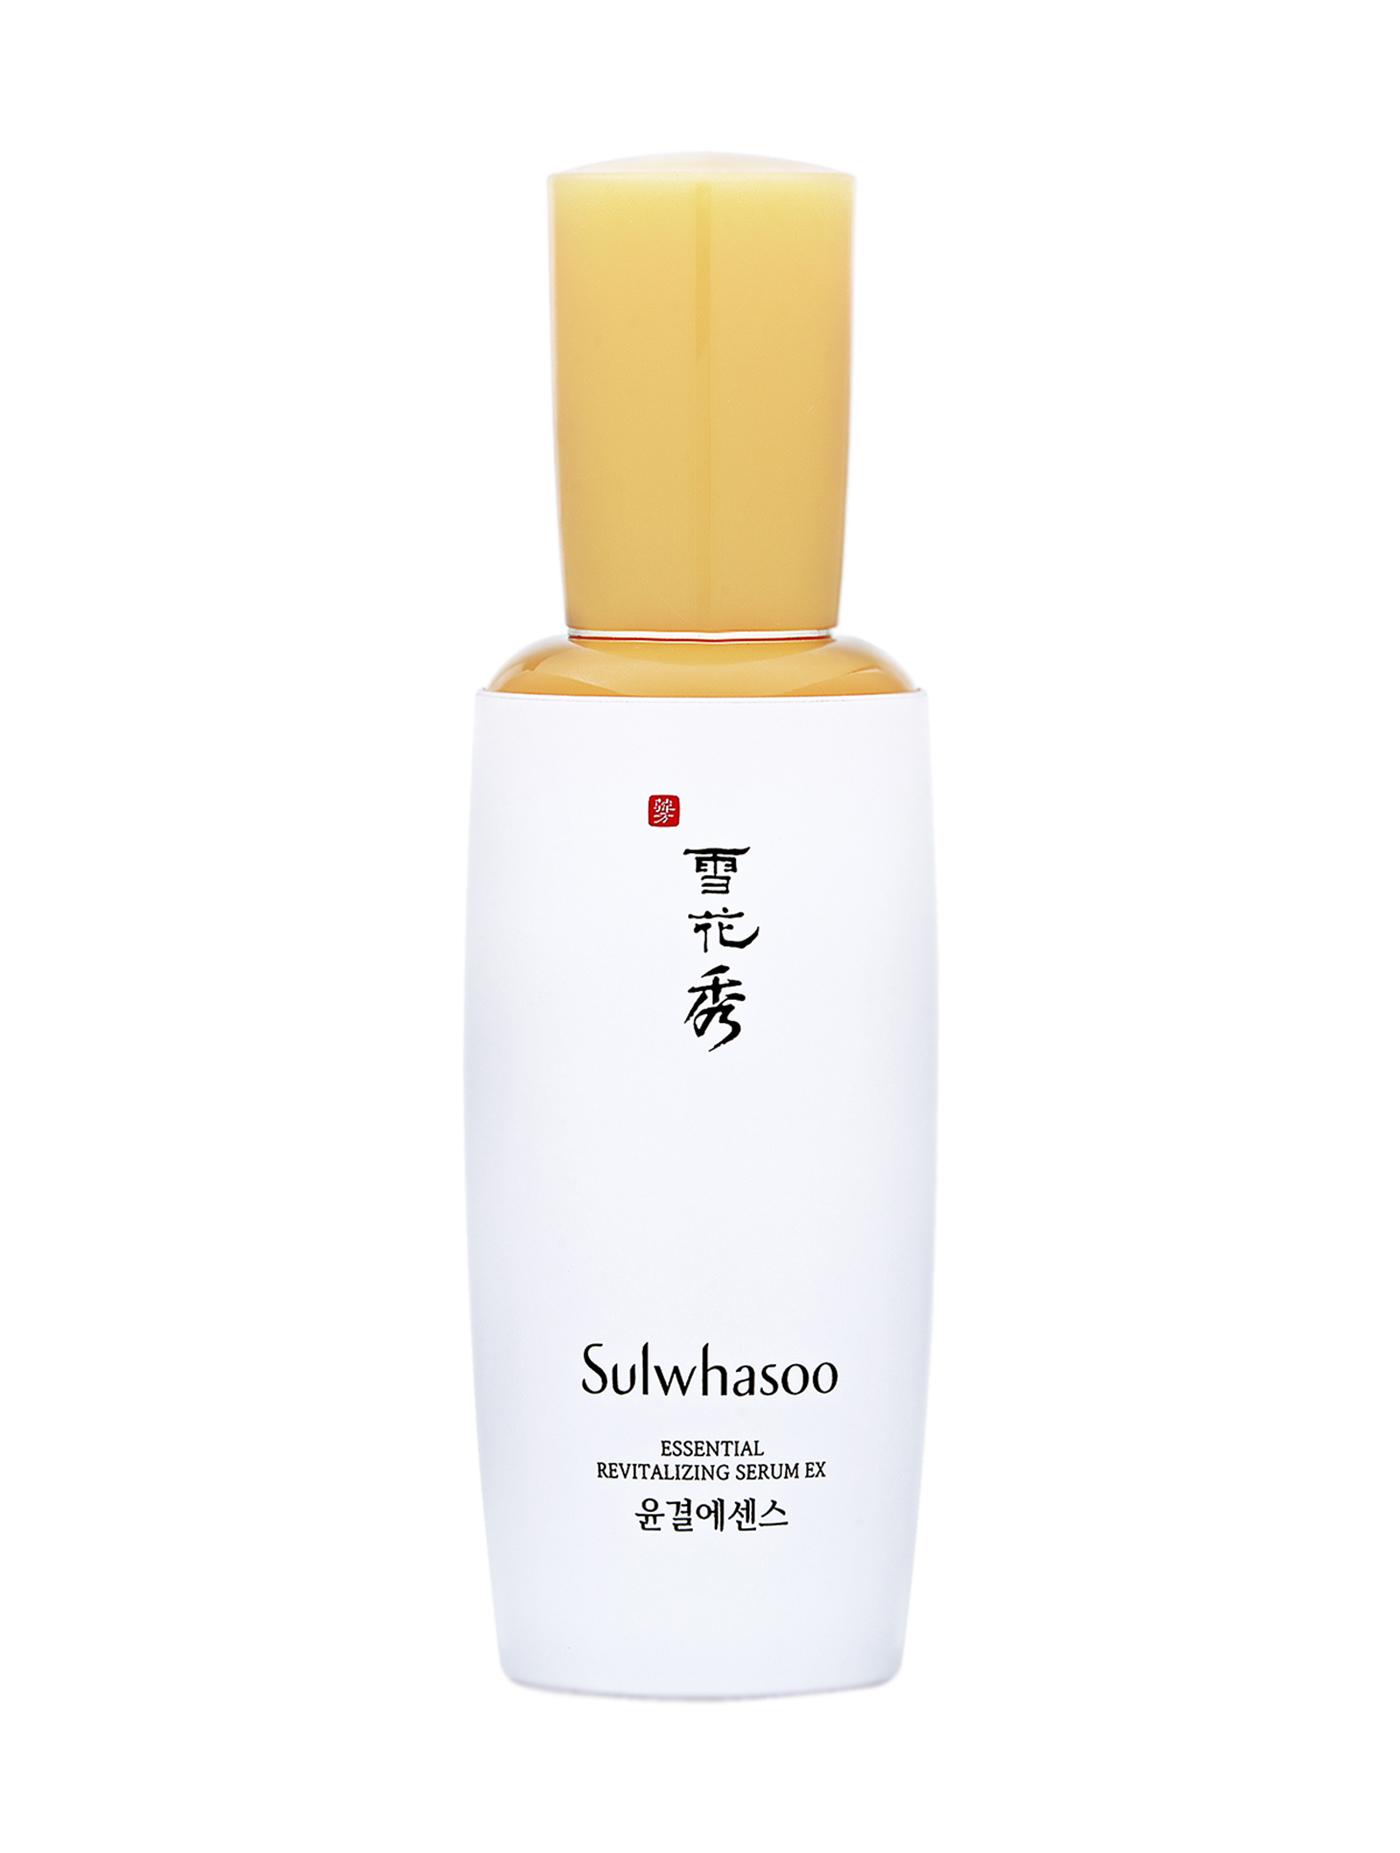 เซรั่ม Essential Revitalizing Serum EX 50 ml.